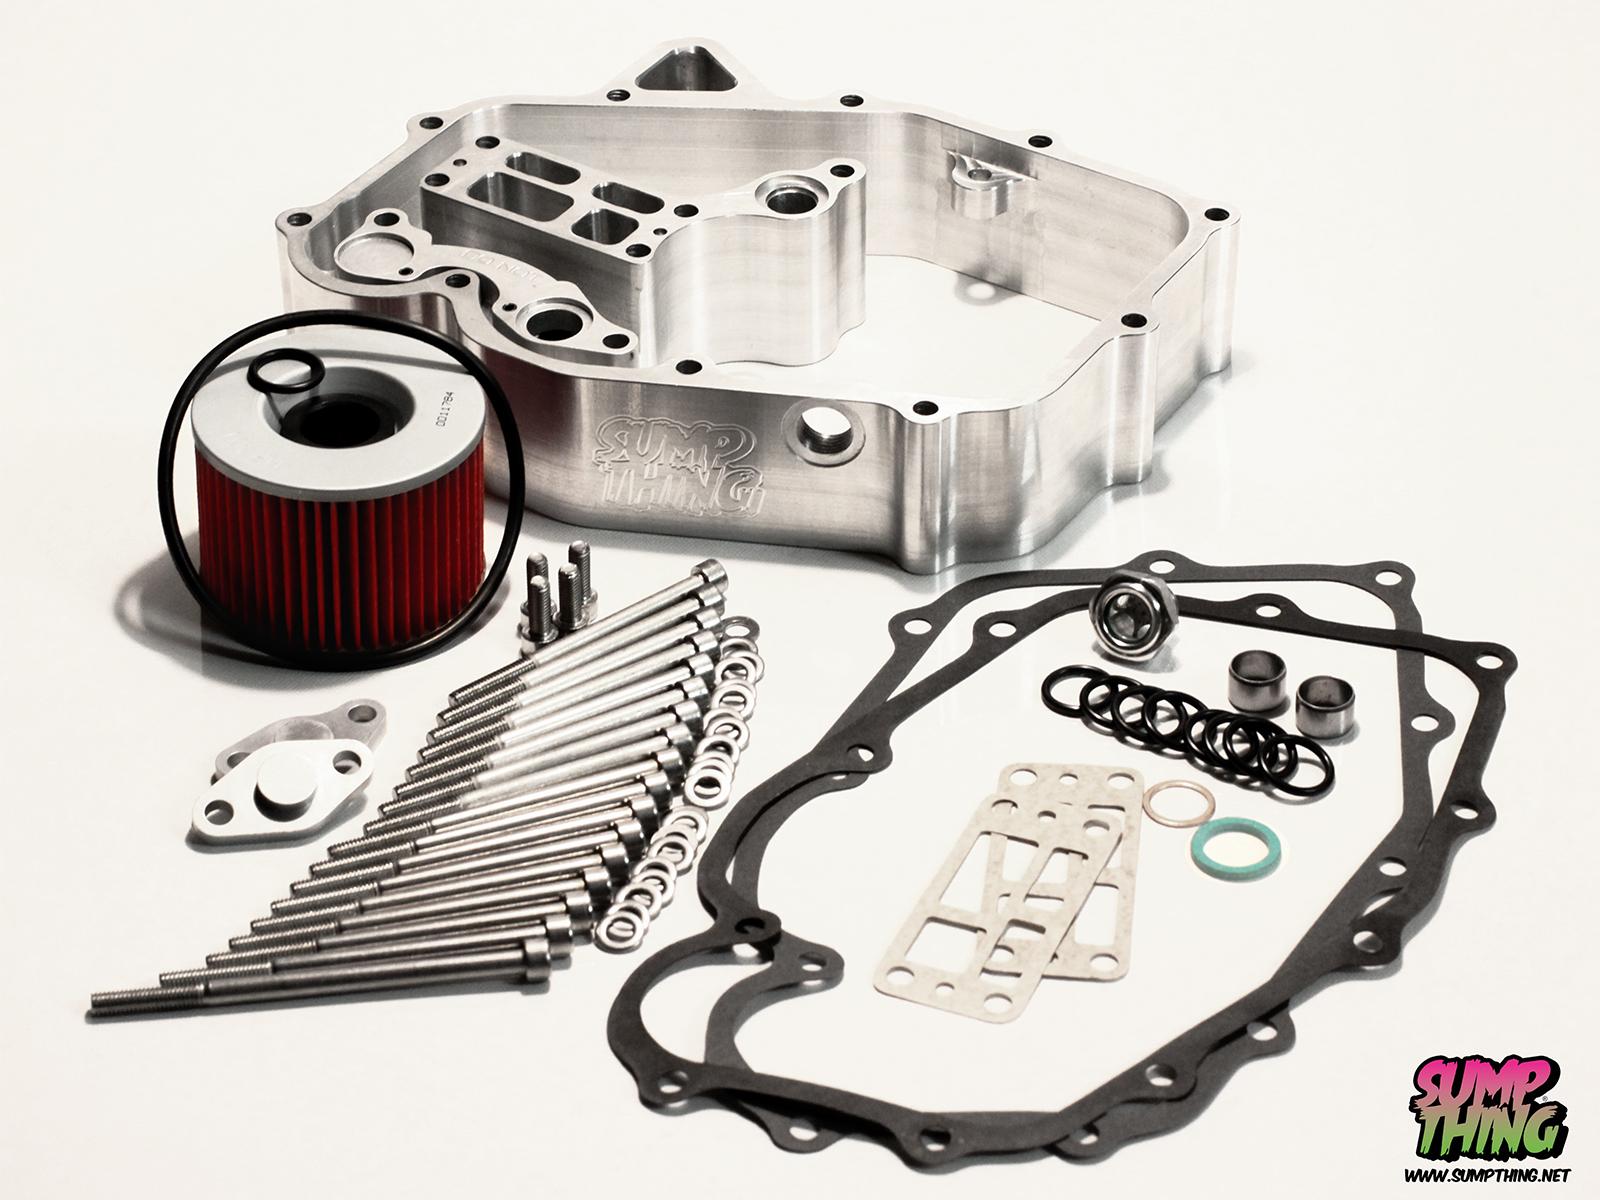 SumpThing kit for all Honda SOHC 40 F & K engines